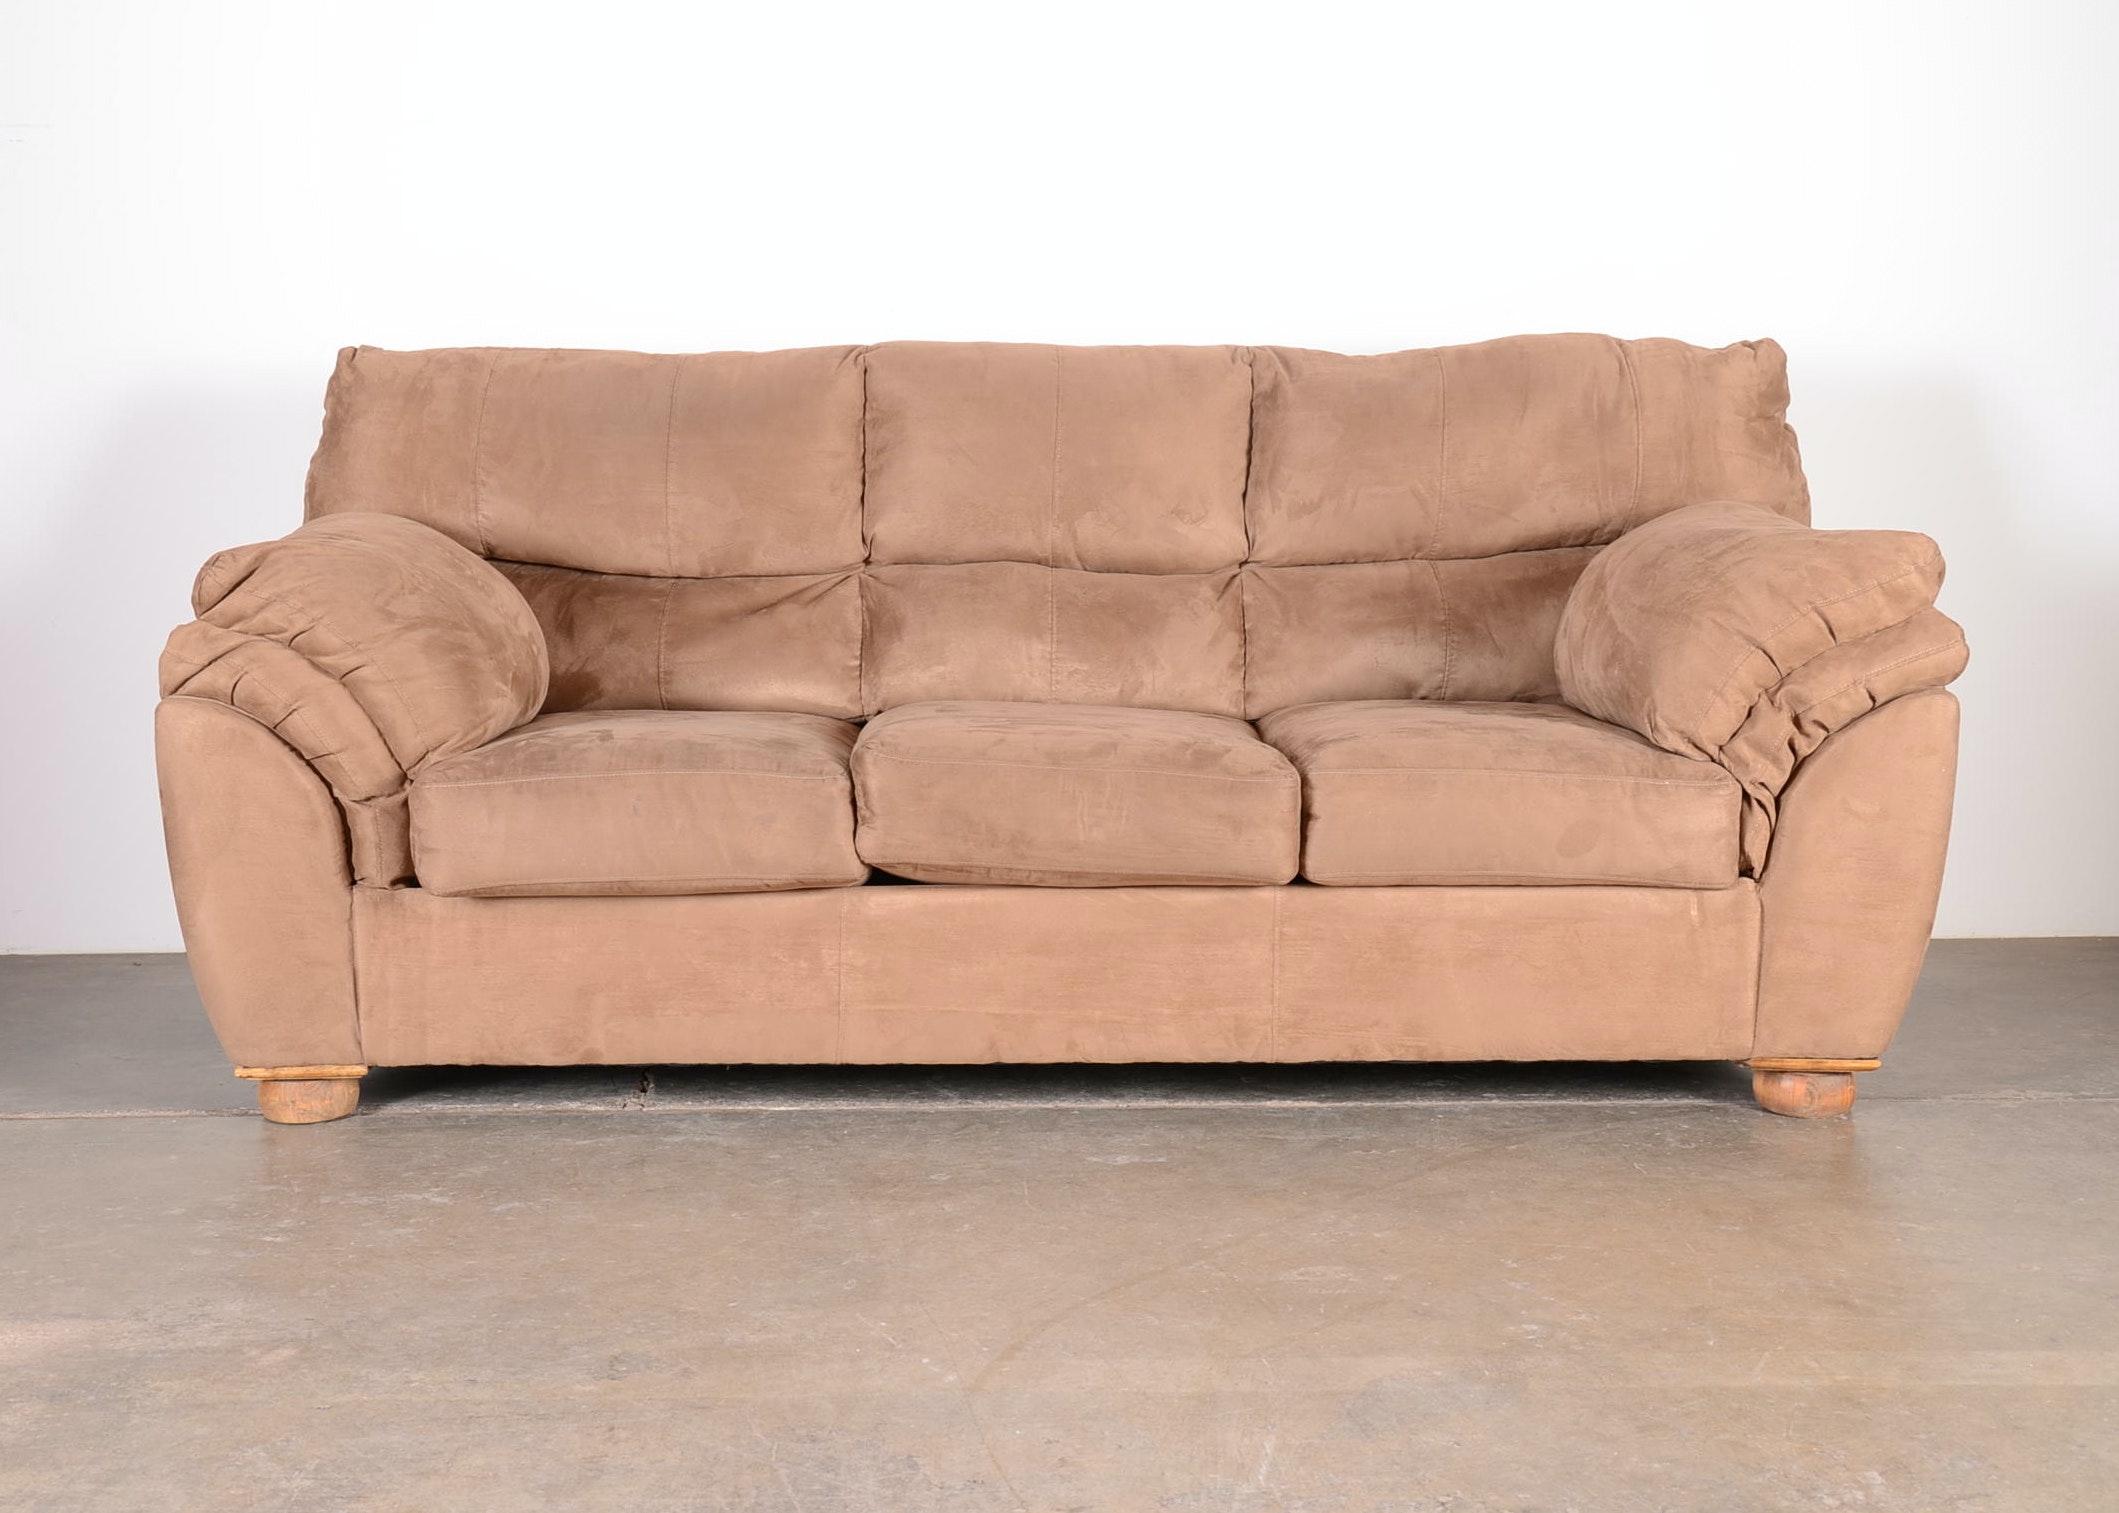 light brown microsuede sofa ebth rh ebth com Brown Microsuede Sofa Attracts Dust Gray Microsuede Sectional